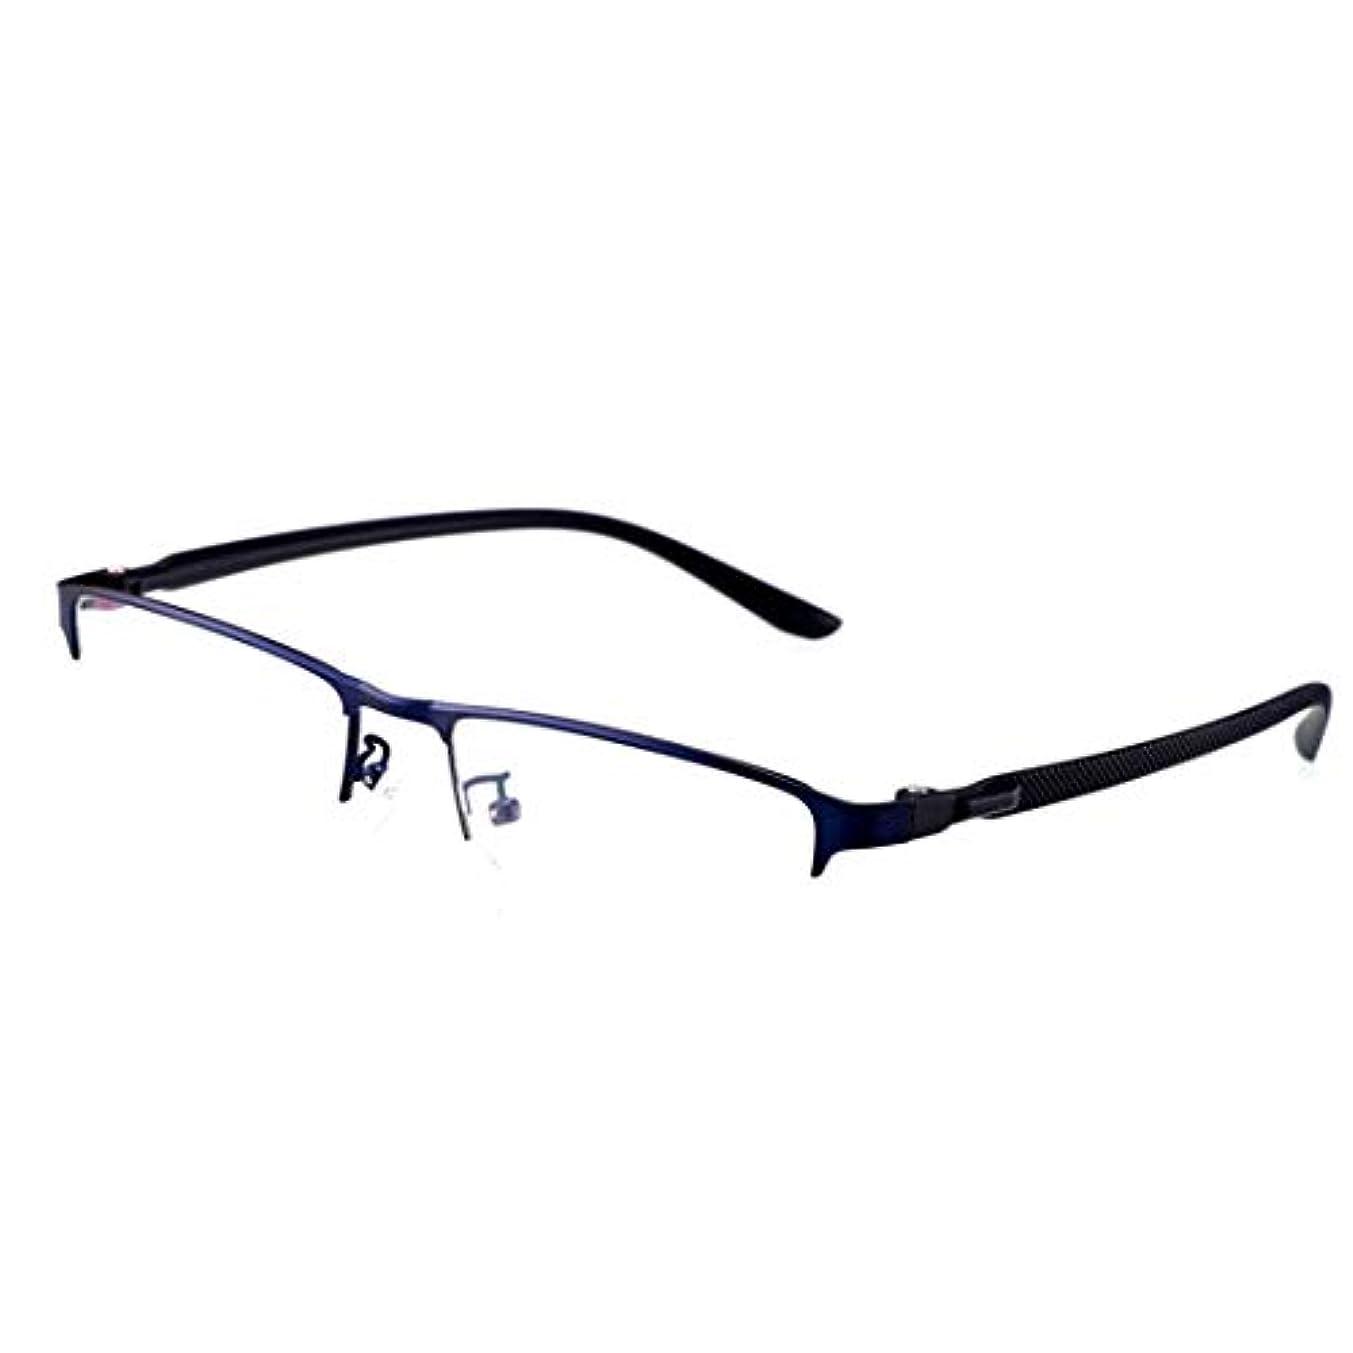 老眼鏡おしゃれ 老眼鏡 おしゃれ 虫眼鏡、変色サングラス採用 非球面 付き バネ蝶番 、UV変色が発生する老眼鏡